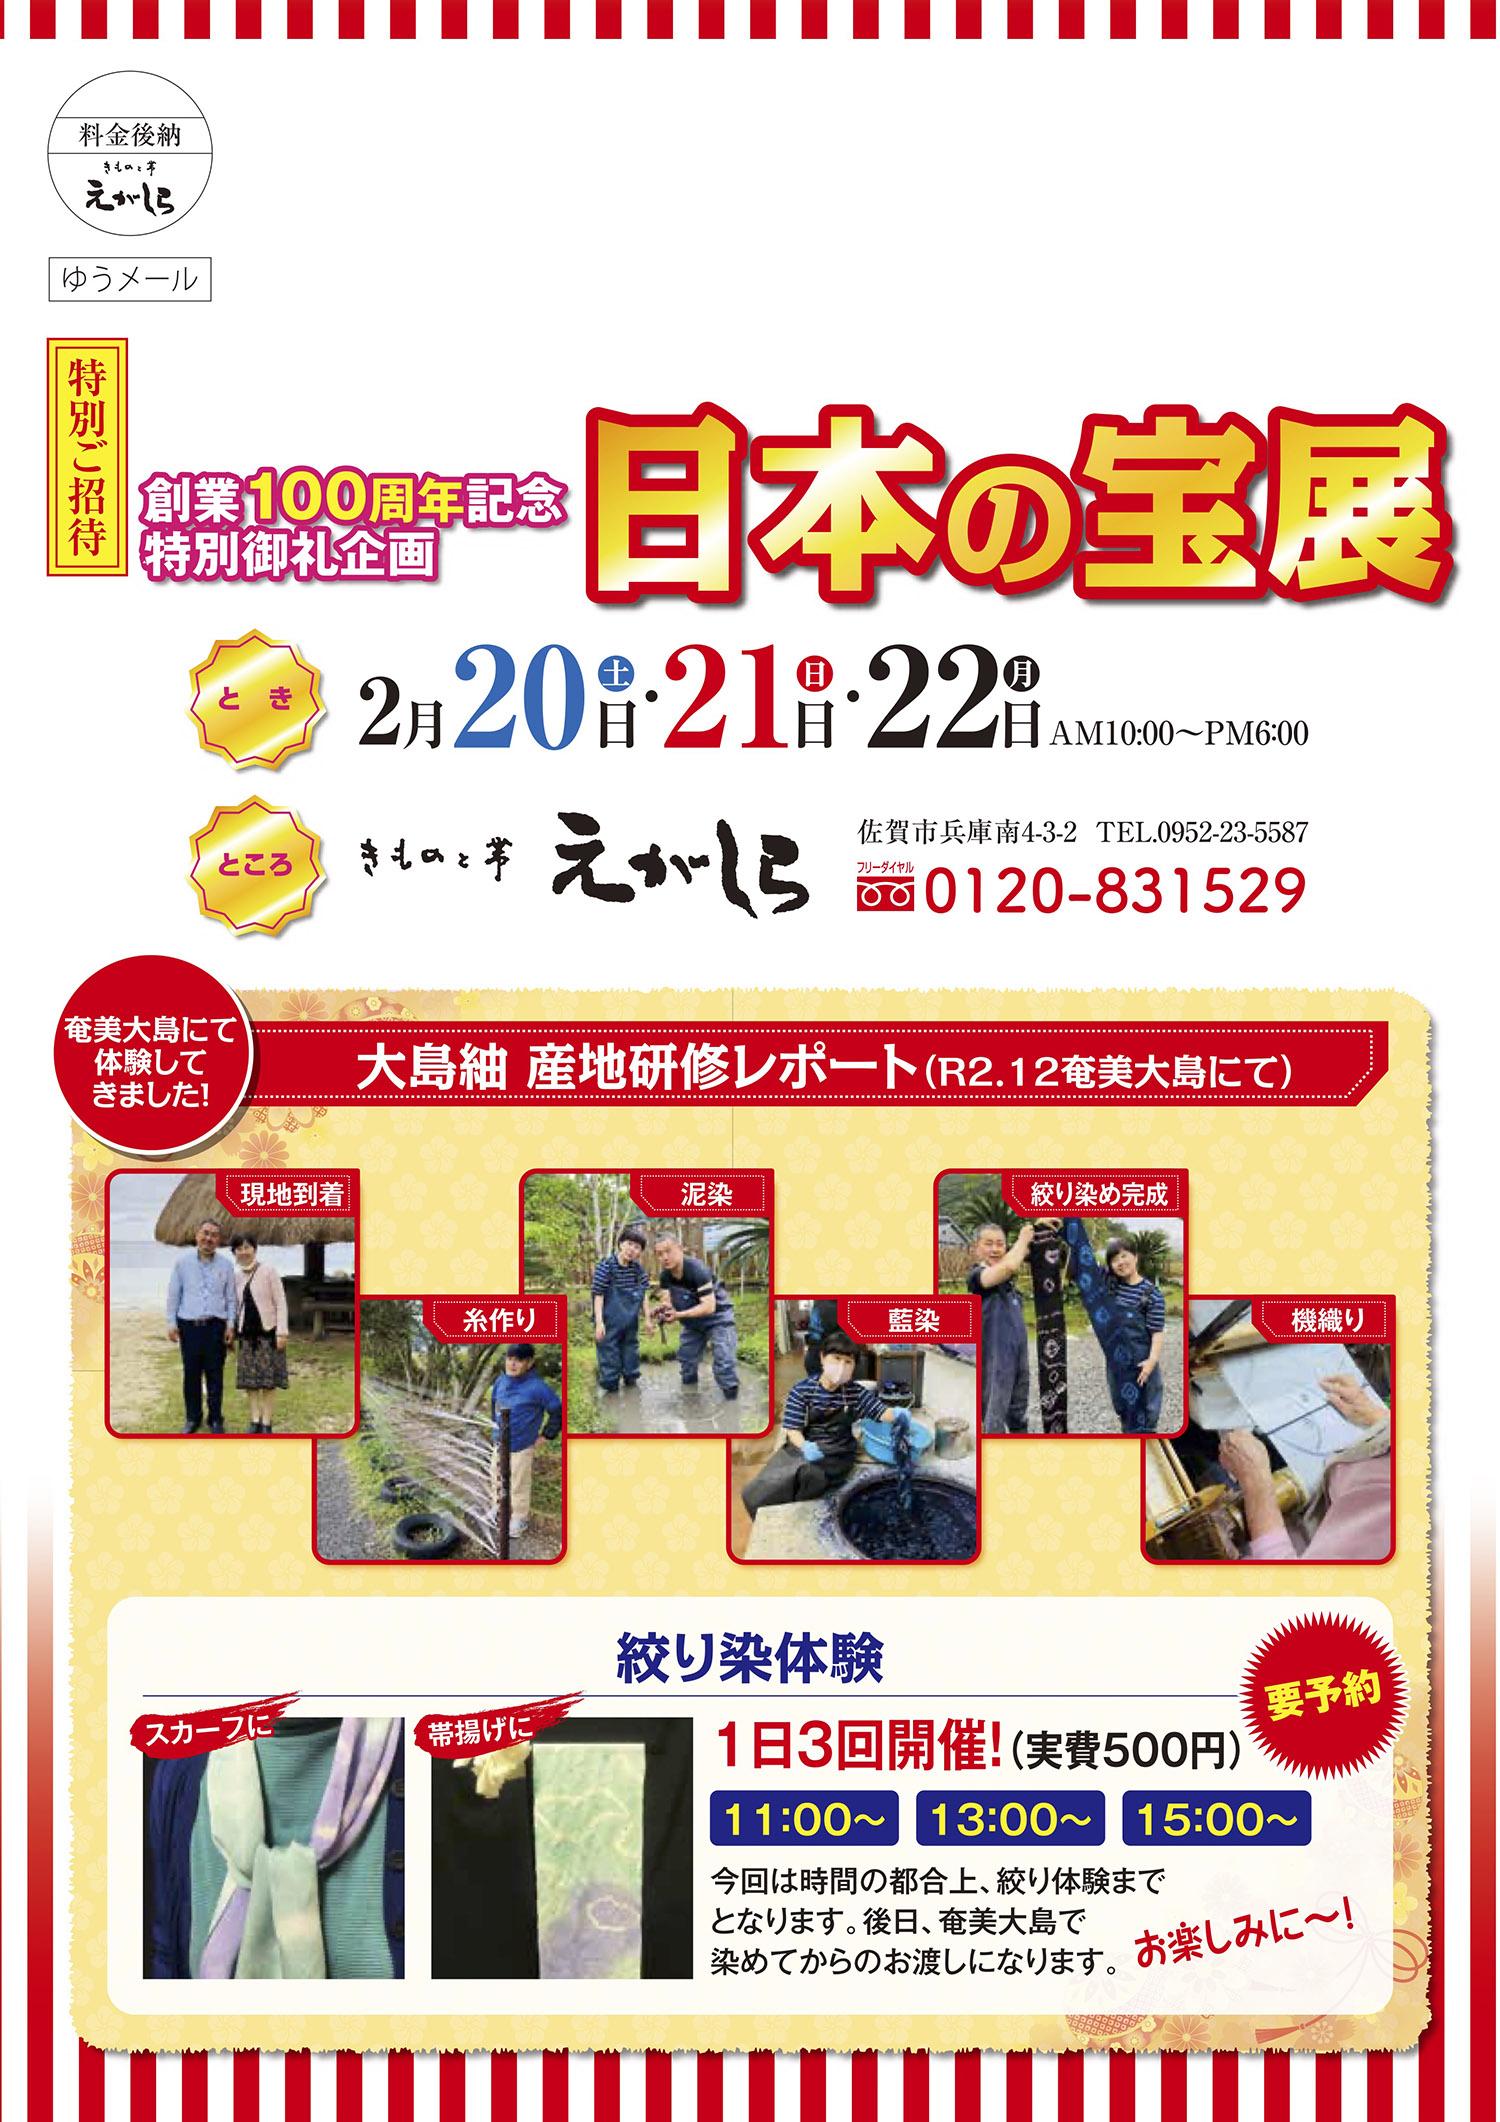 きものと帯えがしら、創業100周年記念特別御礼企画「日本の宝展」